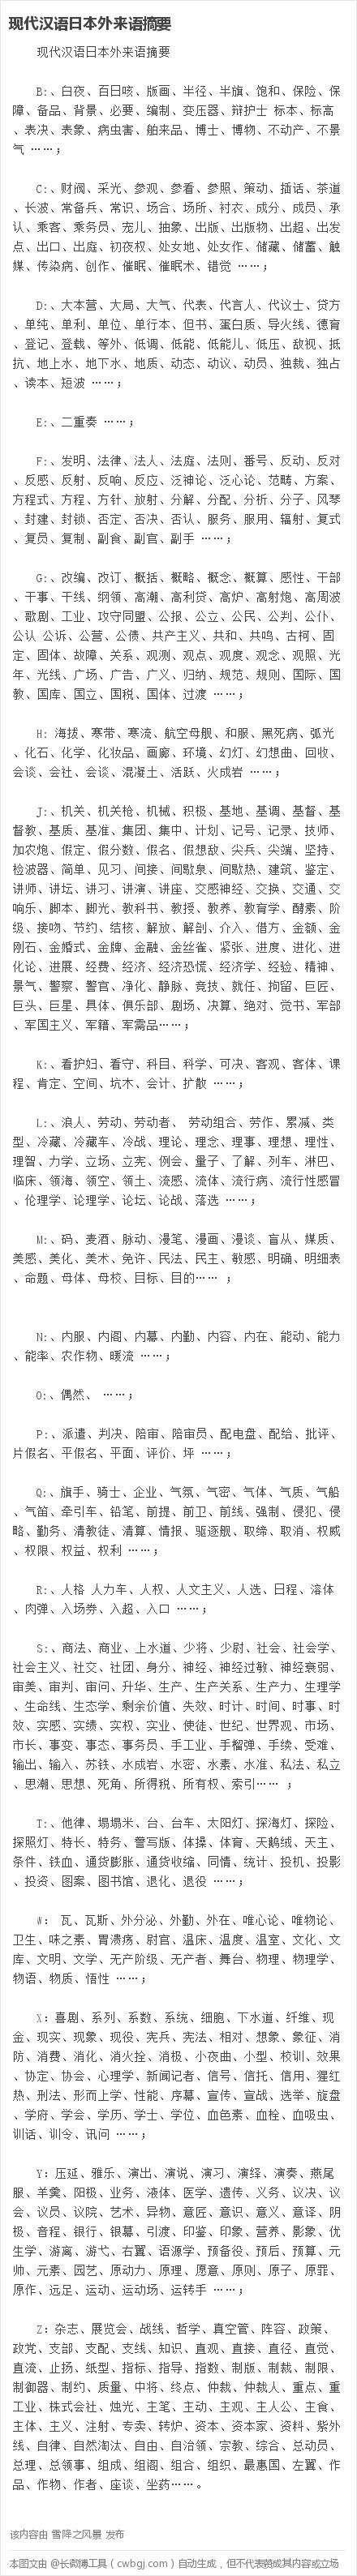 以下词汇是由日本反输入的汉语词汇,这是日语对汉语纯洁度的入侵!!包括但不仅限于以下词汇:电话、服务、组织、纪律、方针、政策、申请、解决、理论、哲学、原则、经济、科学、商业、干部、健康、法律、封建、美学、文学、美术、抽象,图片中为完整日式汉语列表,大家要自觉拒绝使用。http://cwb.jaeer.com/content/uploads/tempimg/201208199/2133595264.png